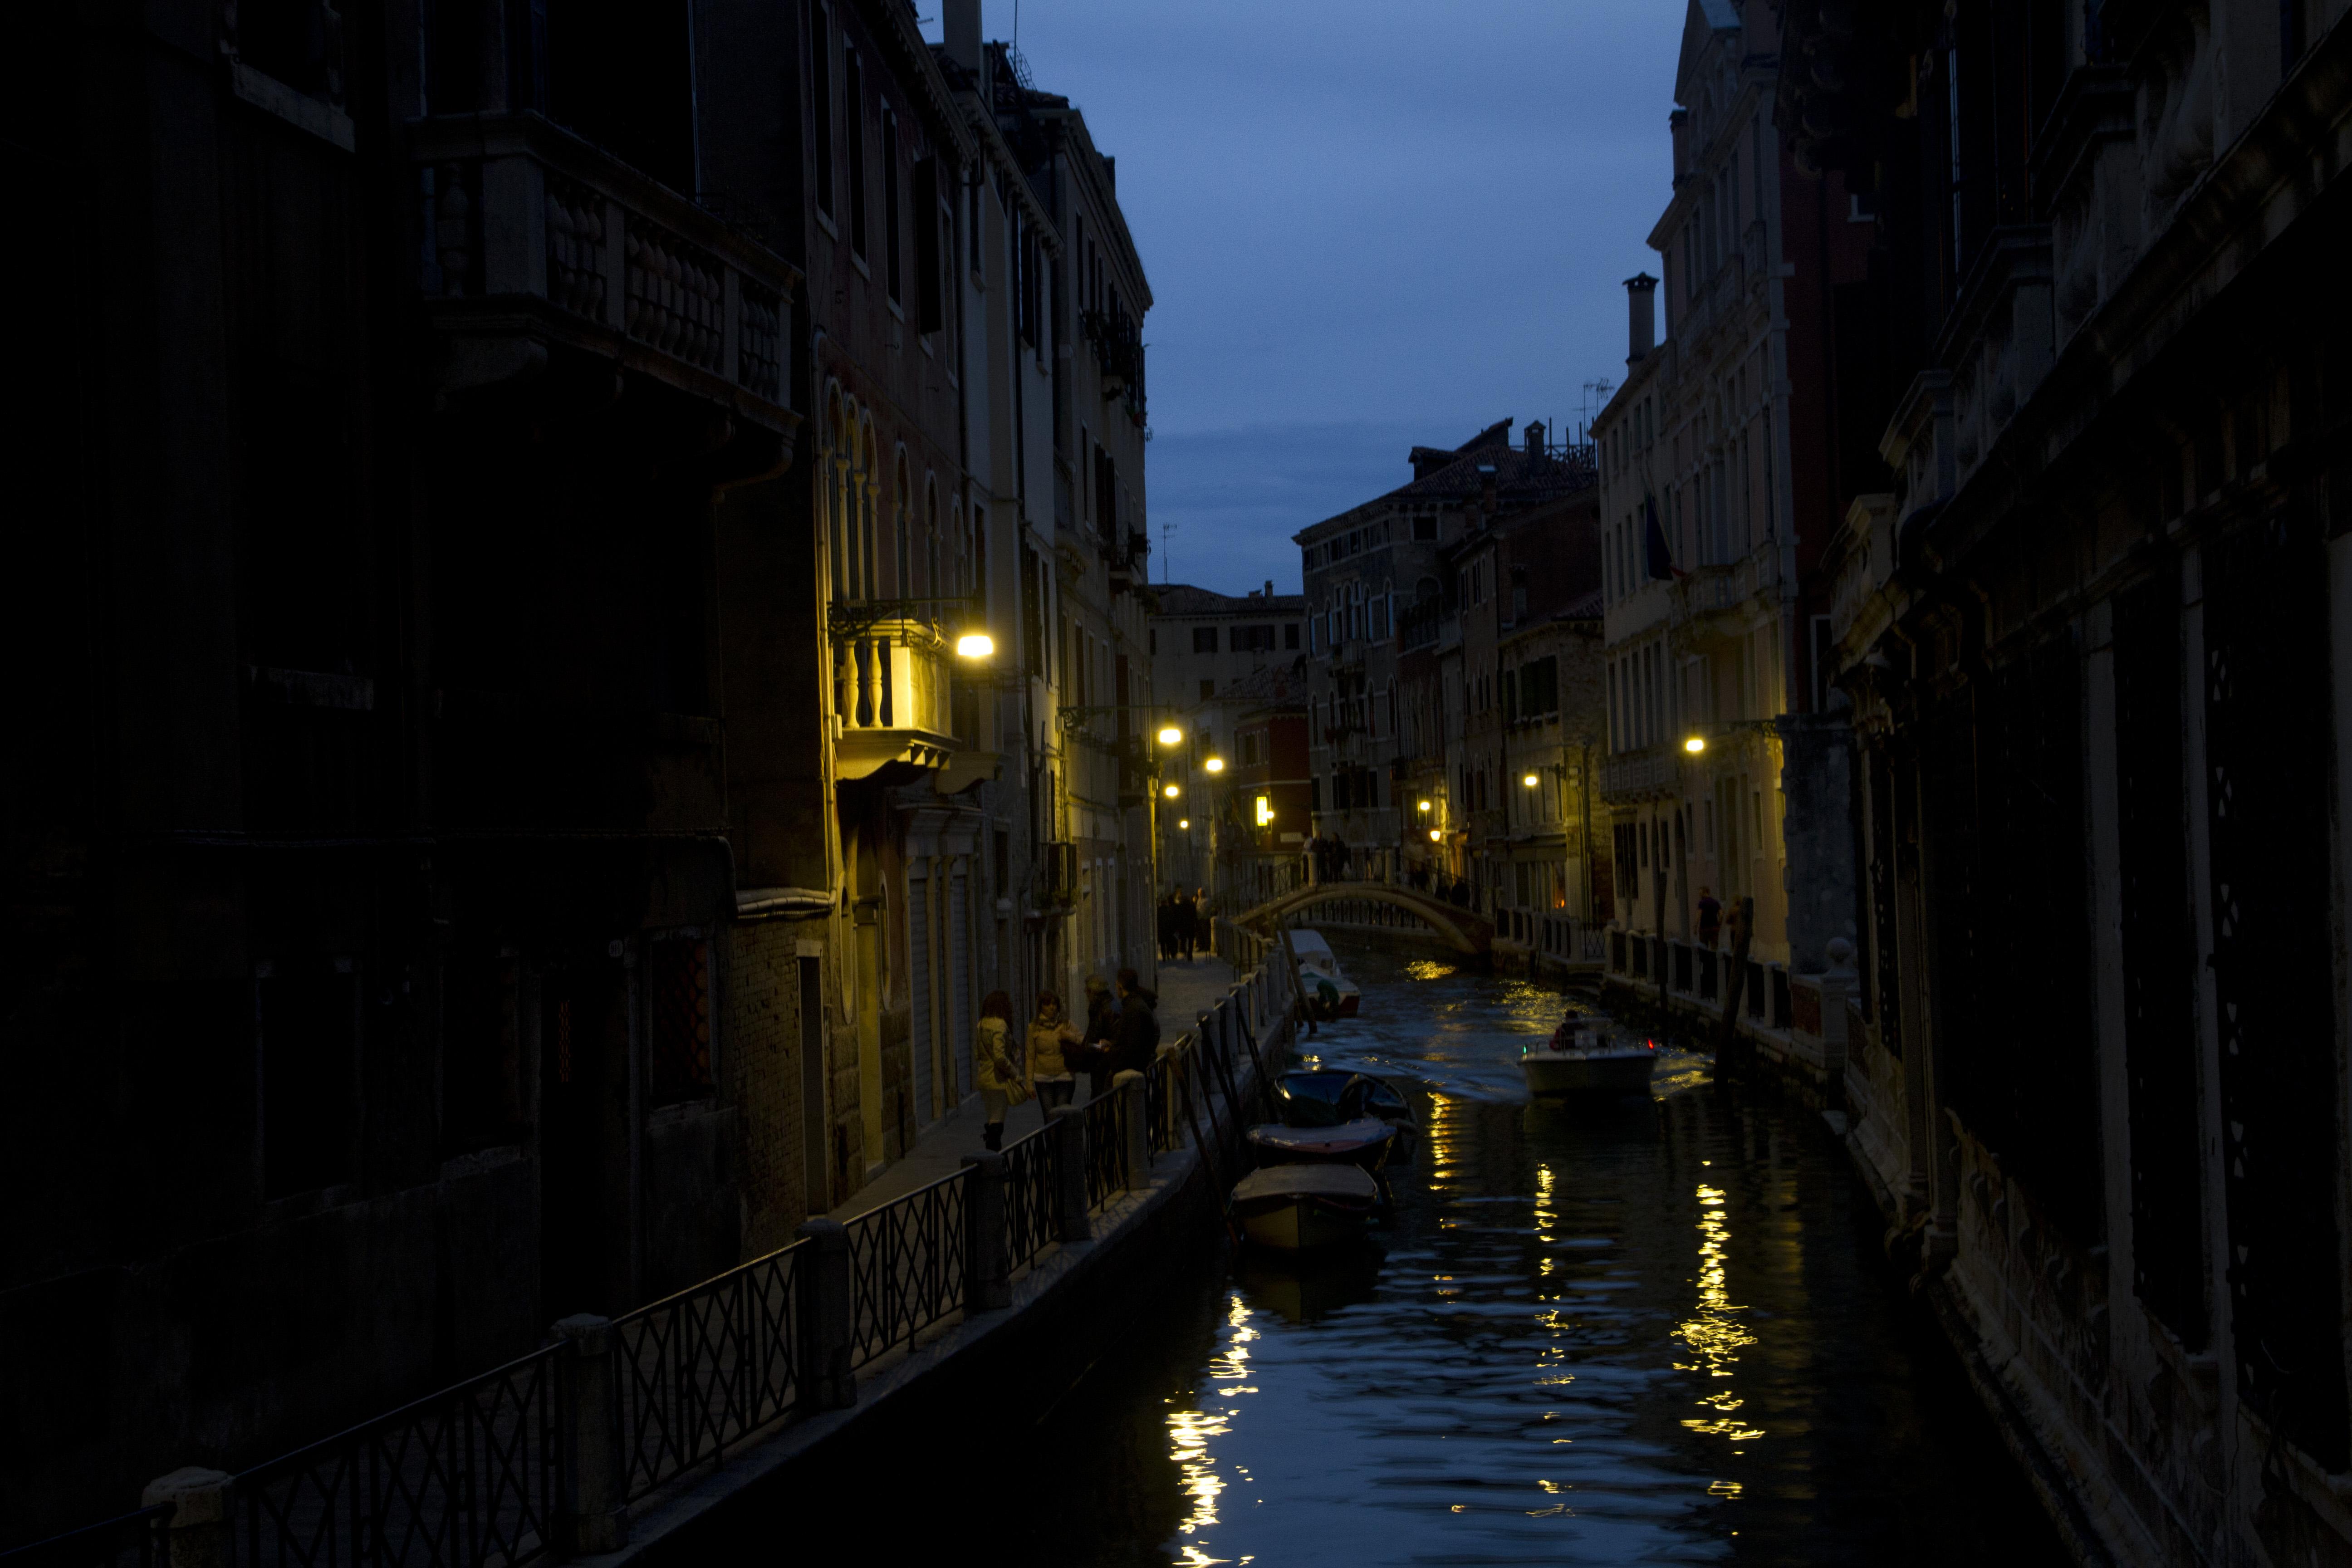 La noche veneciana, hermosa y a la vez misteriosa